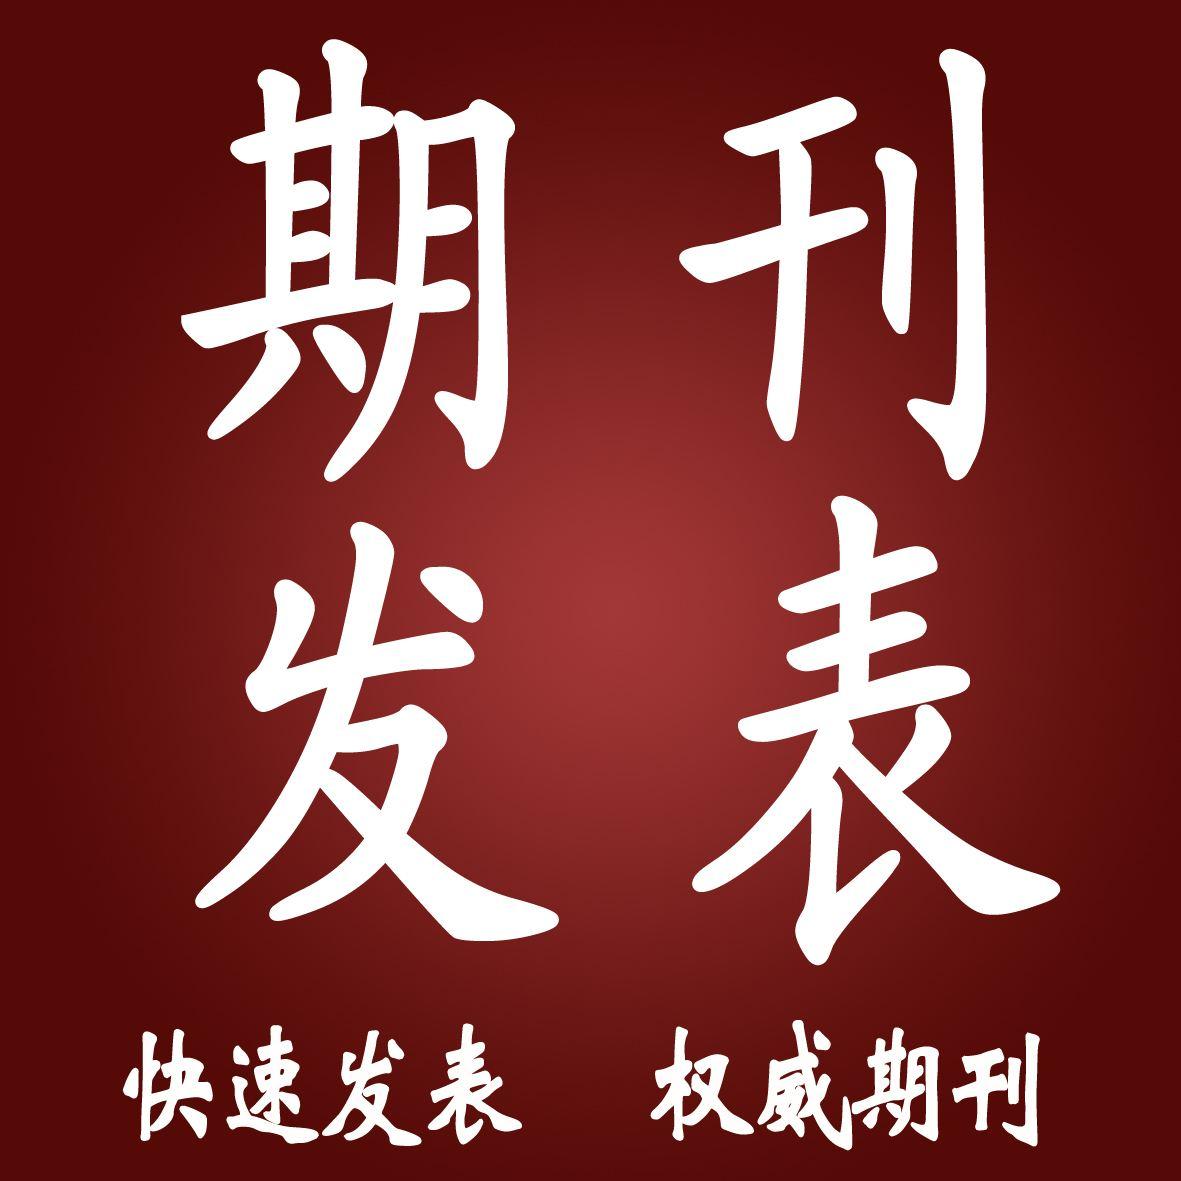 南京投资北大核心论文